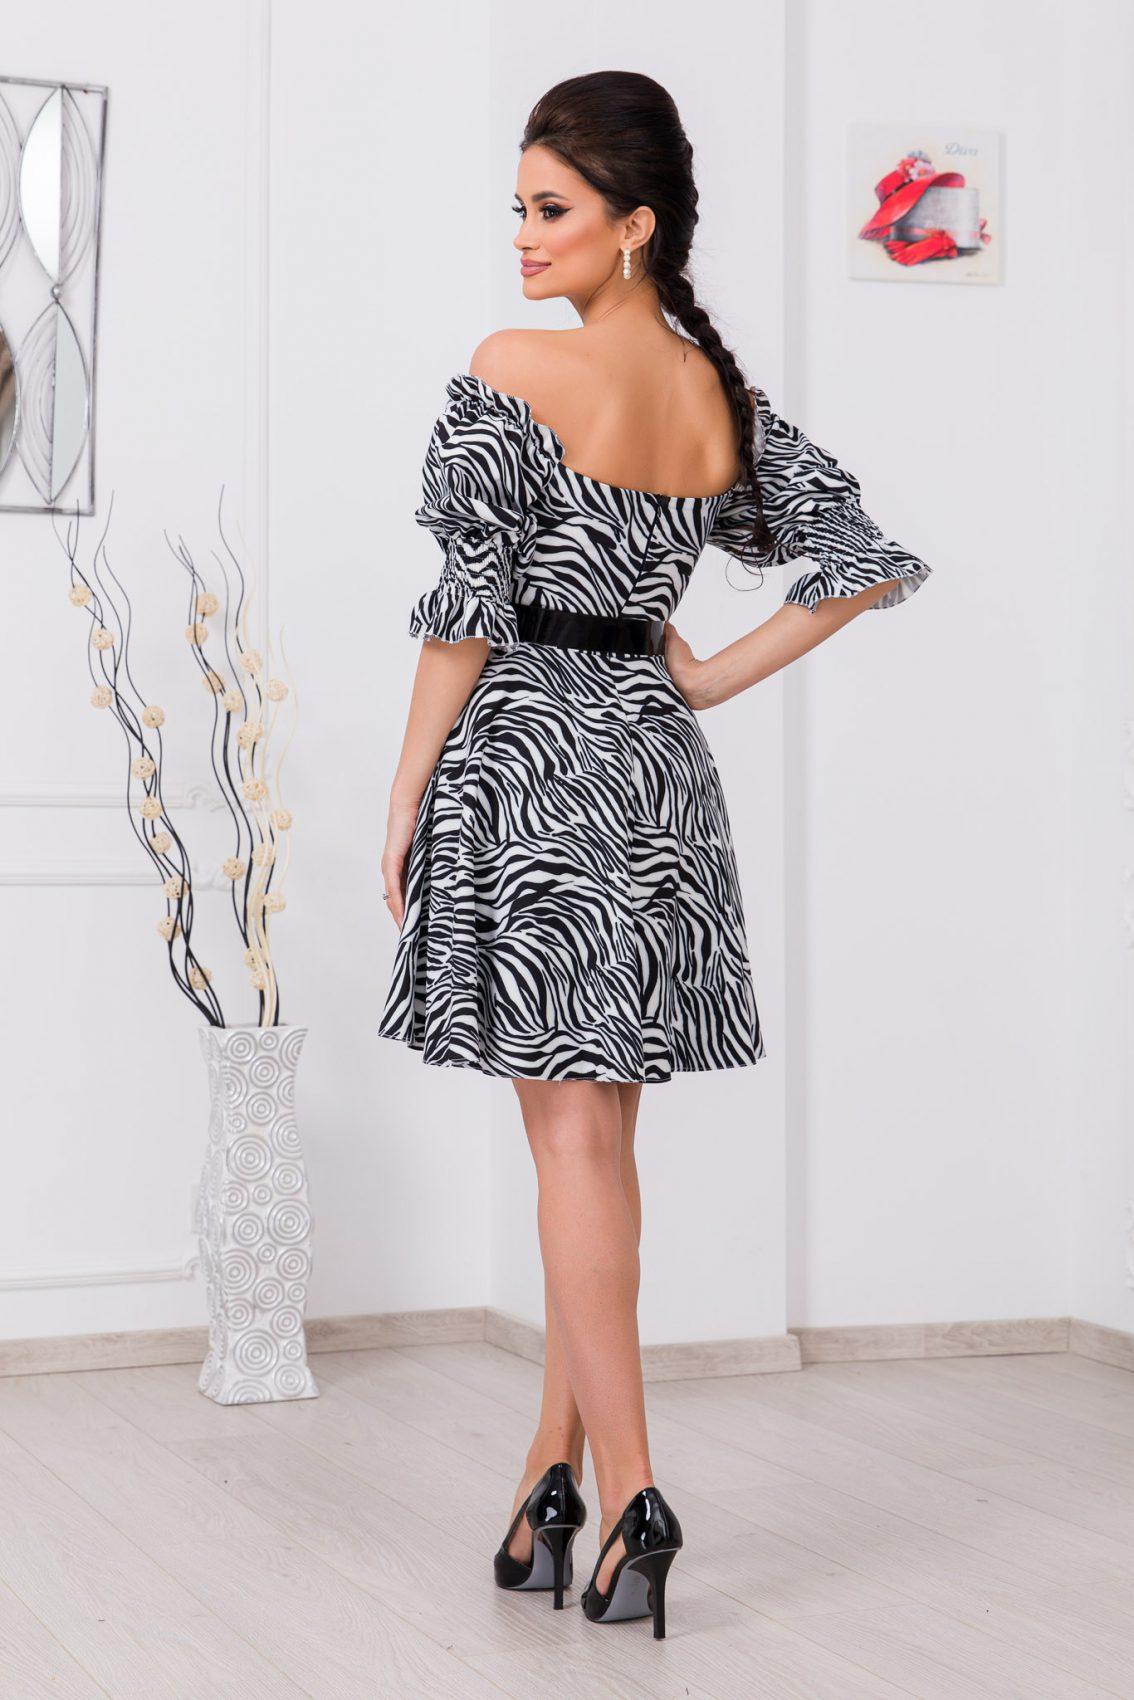 Ασπρόμαυρο Φόρεμα Με Ζώνη Elixir 9728 2